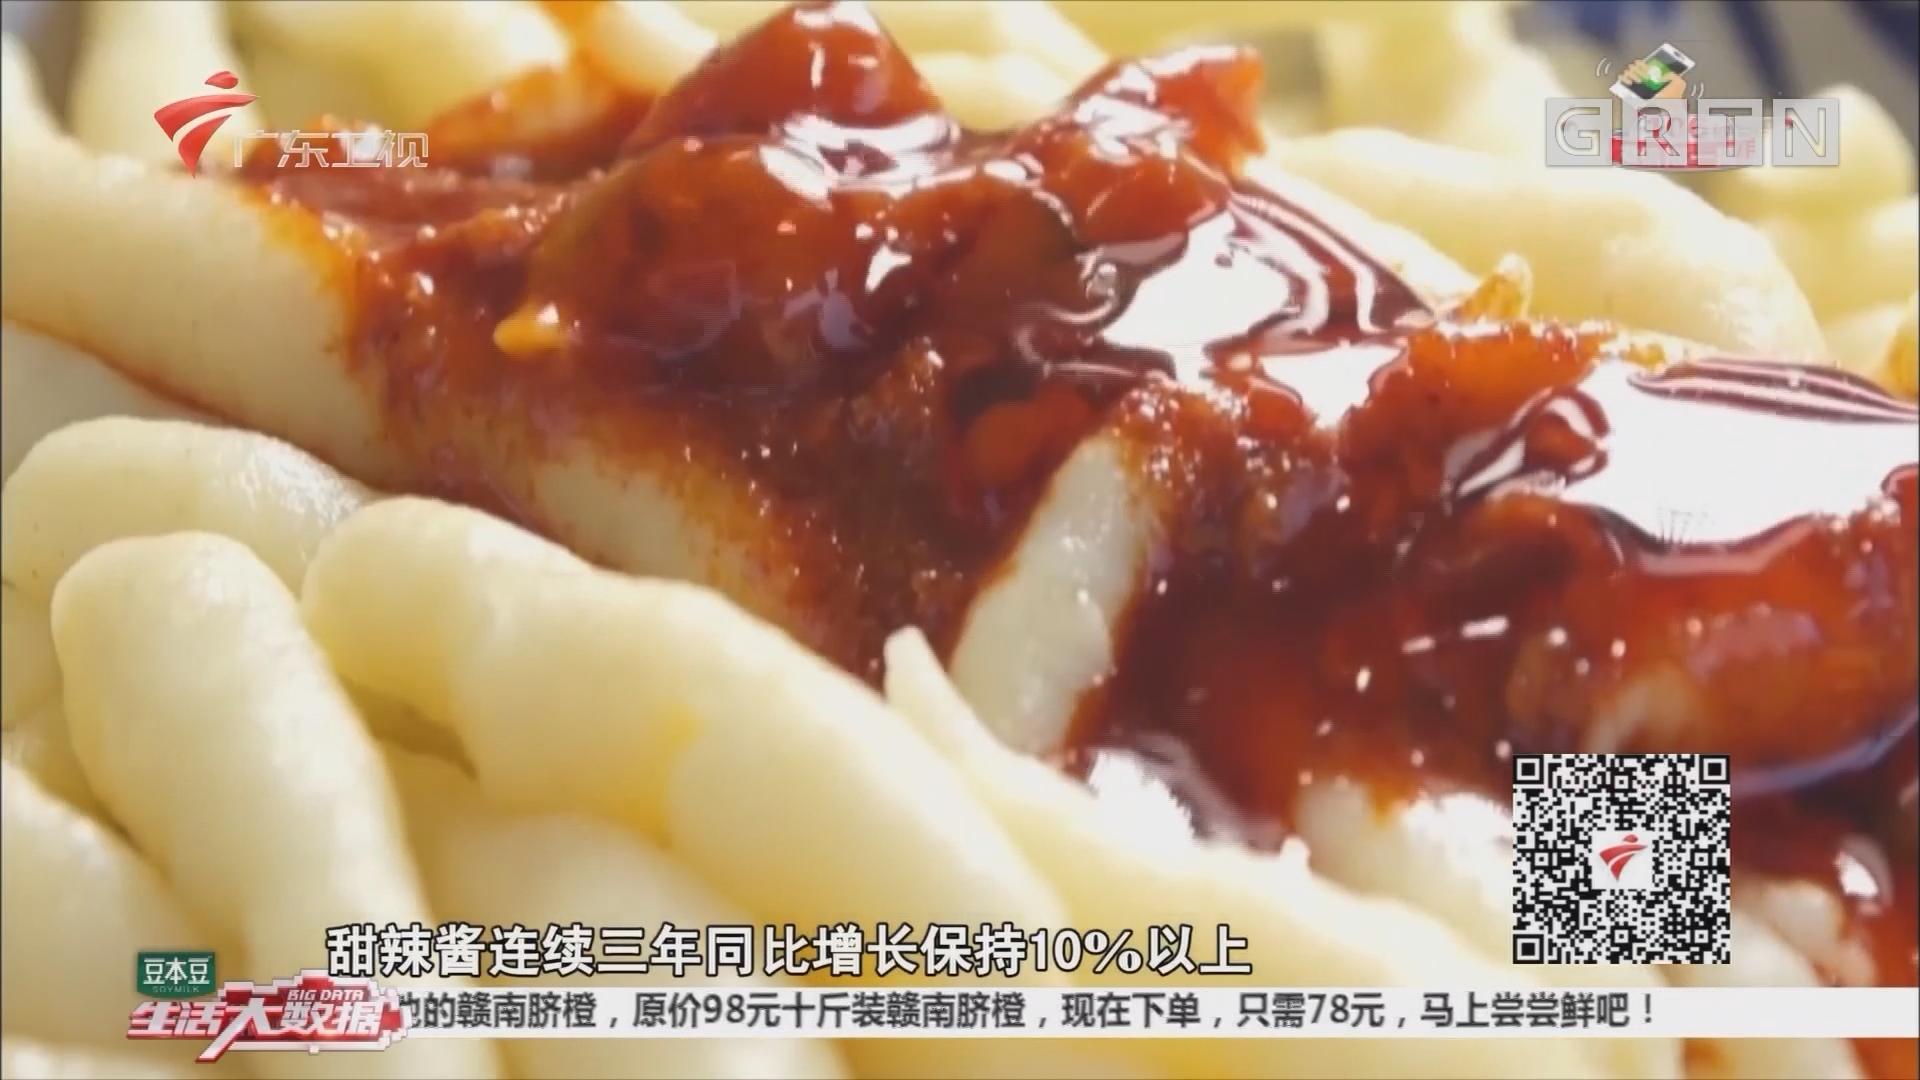 上海地区的人最爱吃辣